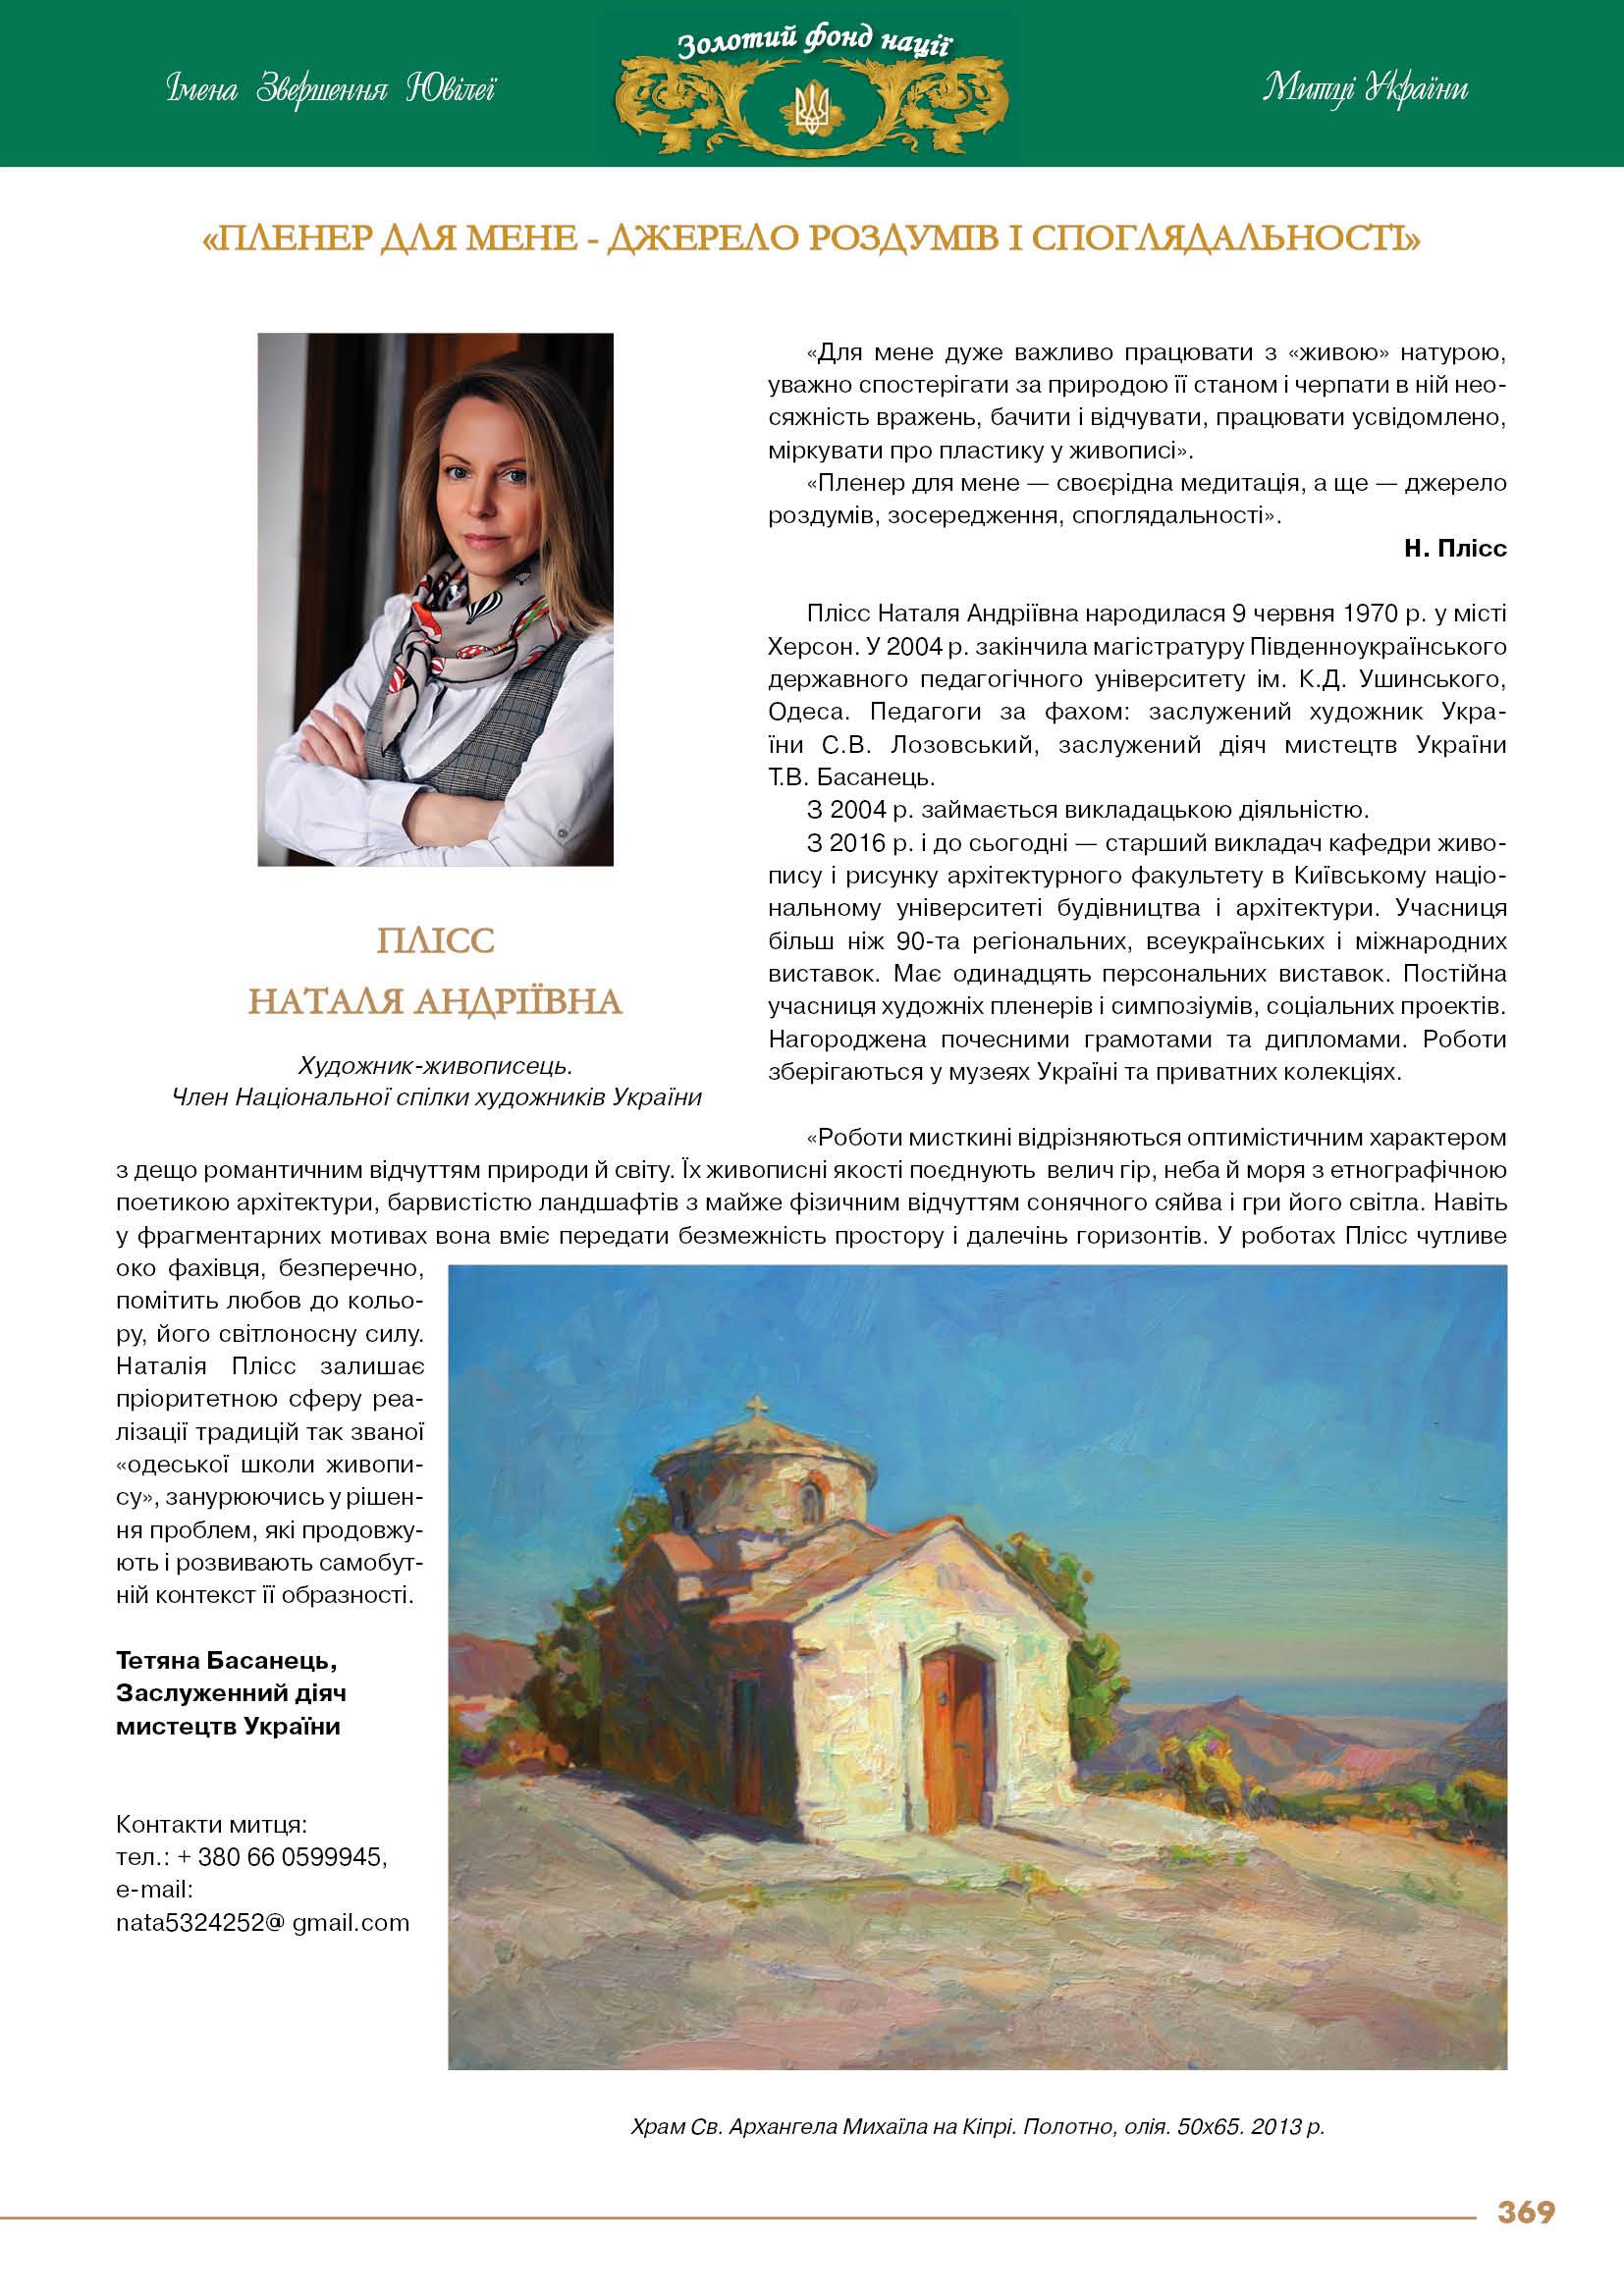 Плісс Наталя Андріївна